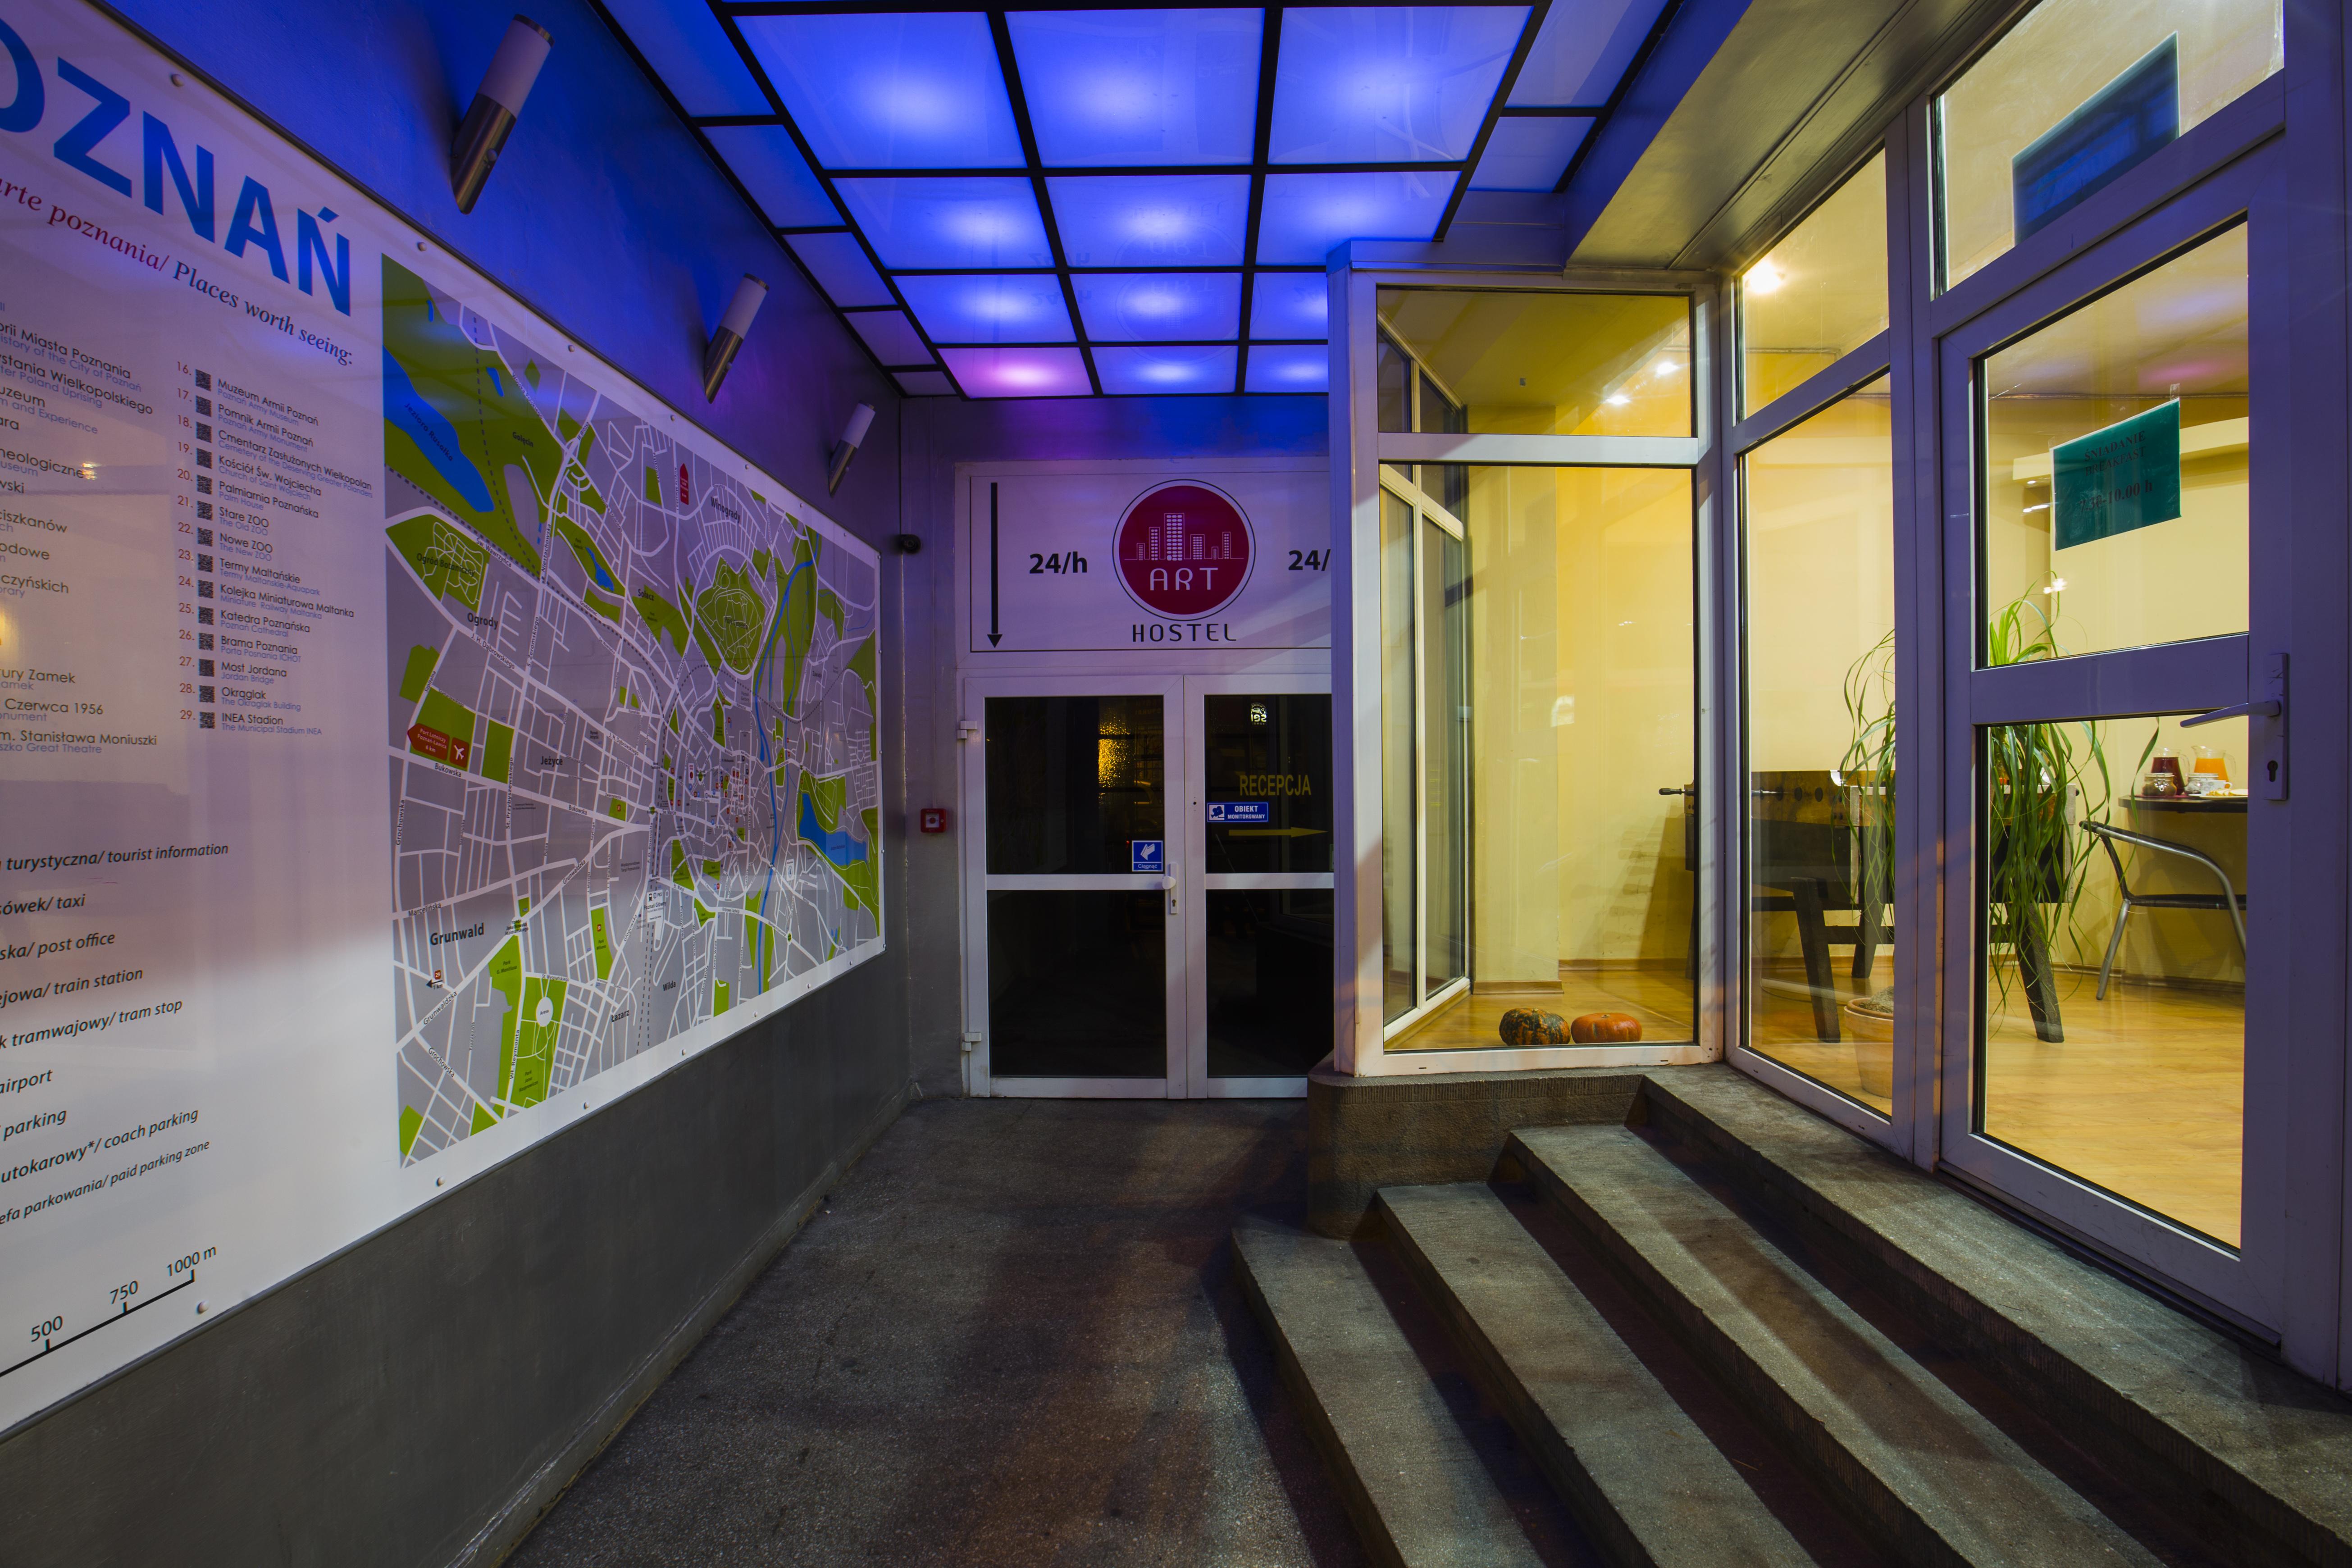 Wejście do ART Hostel Poznań